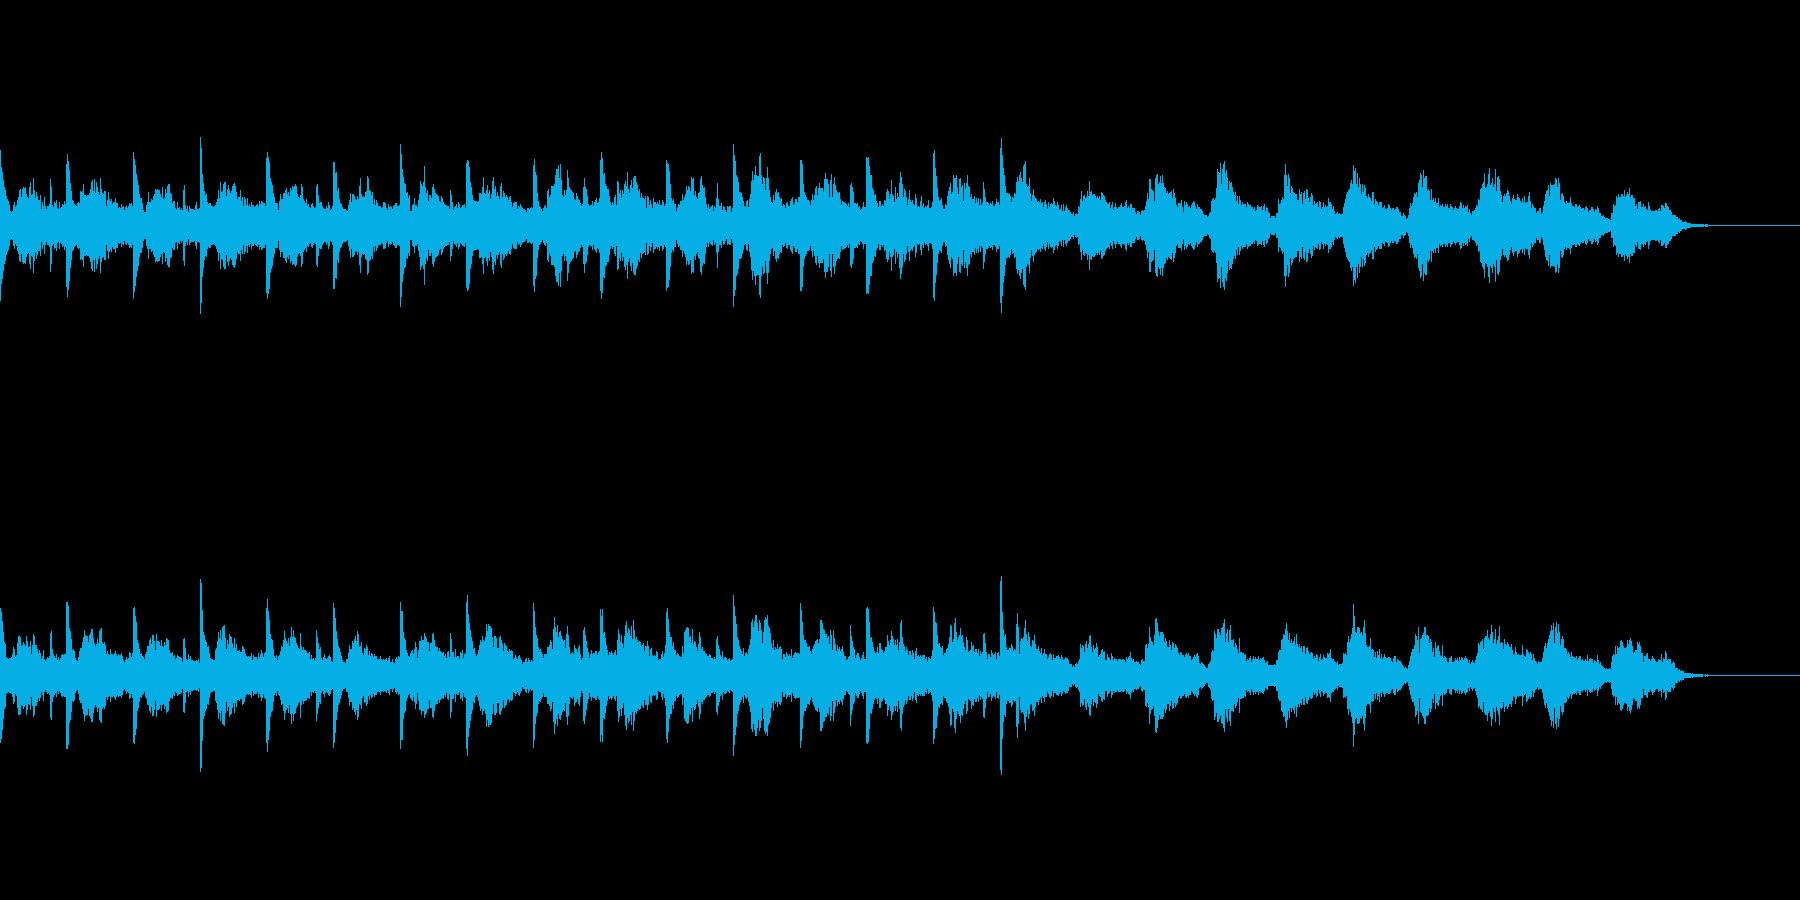 静謐なピアノとシンセのアンビエントBGMの再生済みの波形